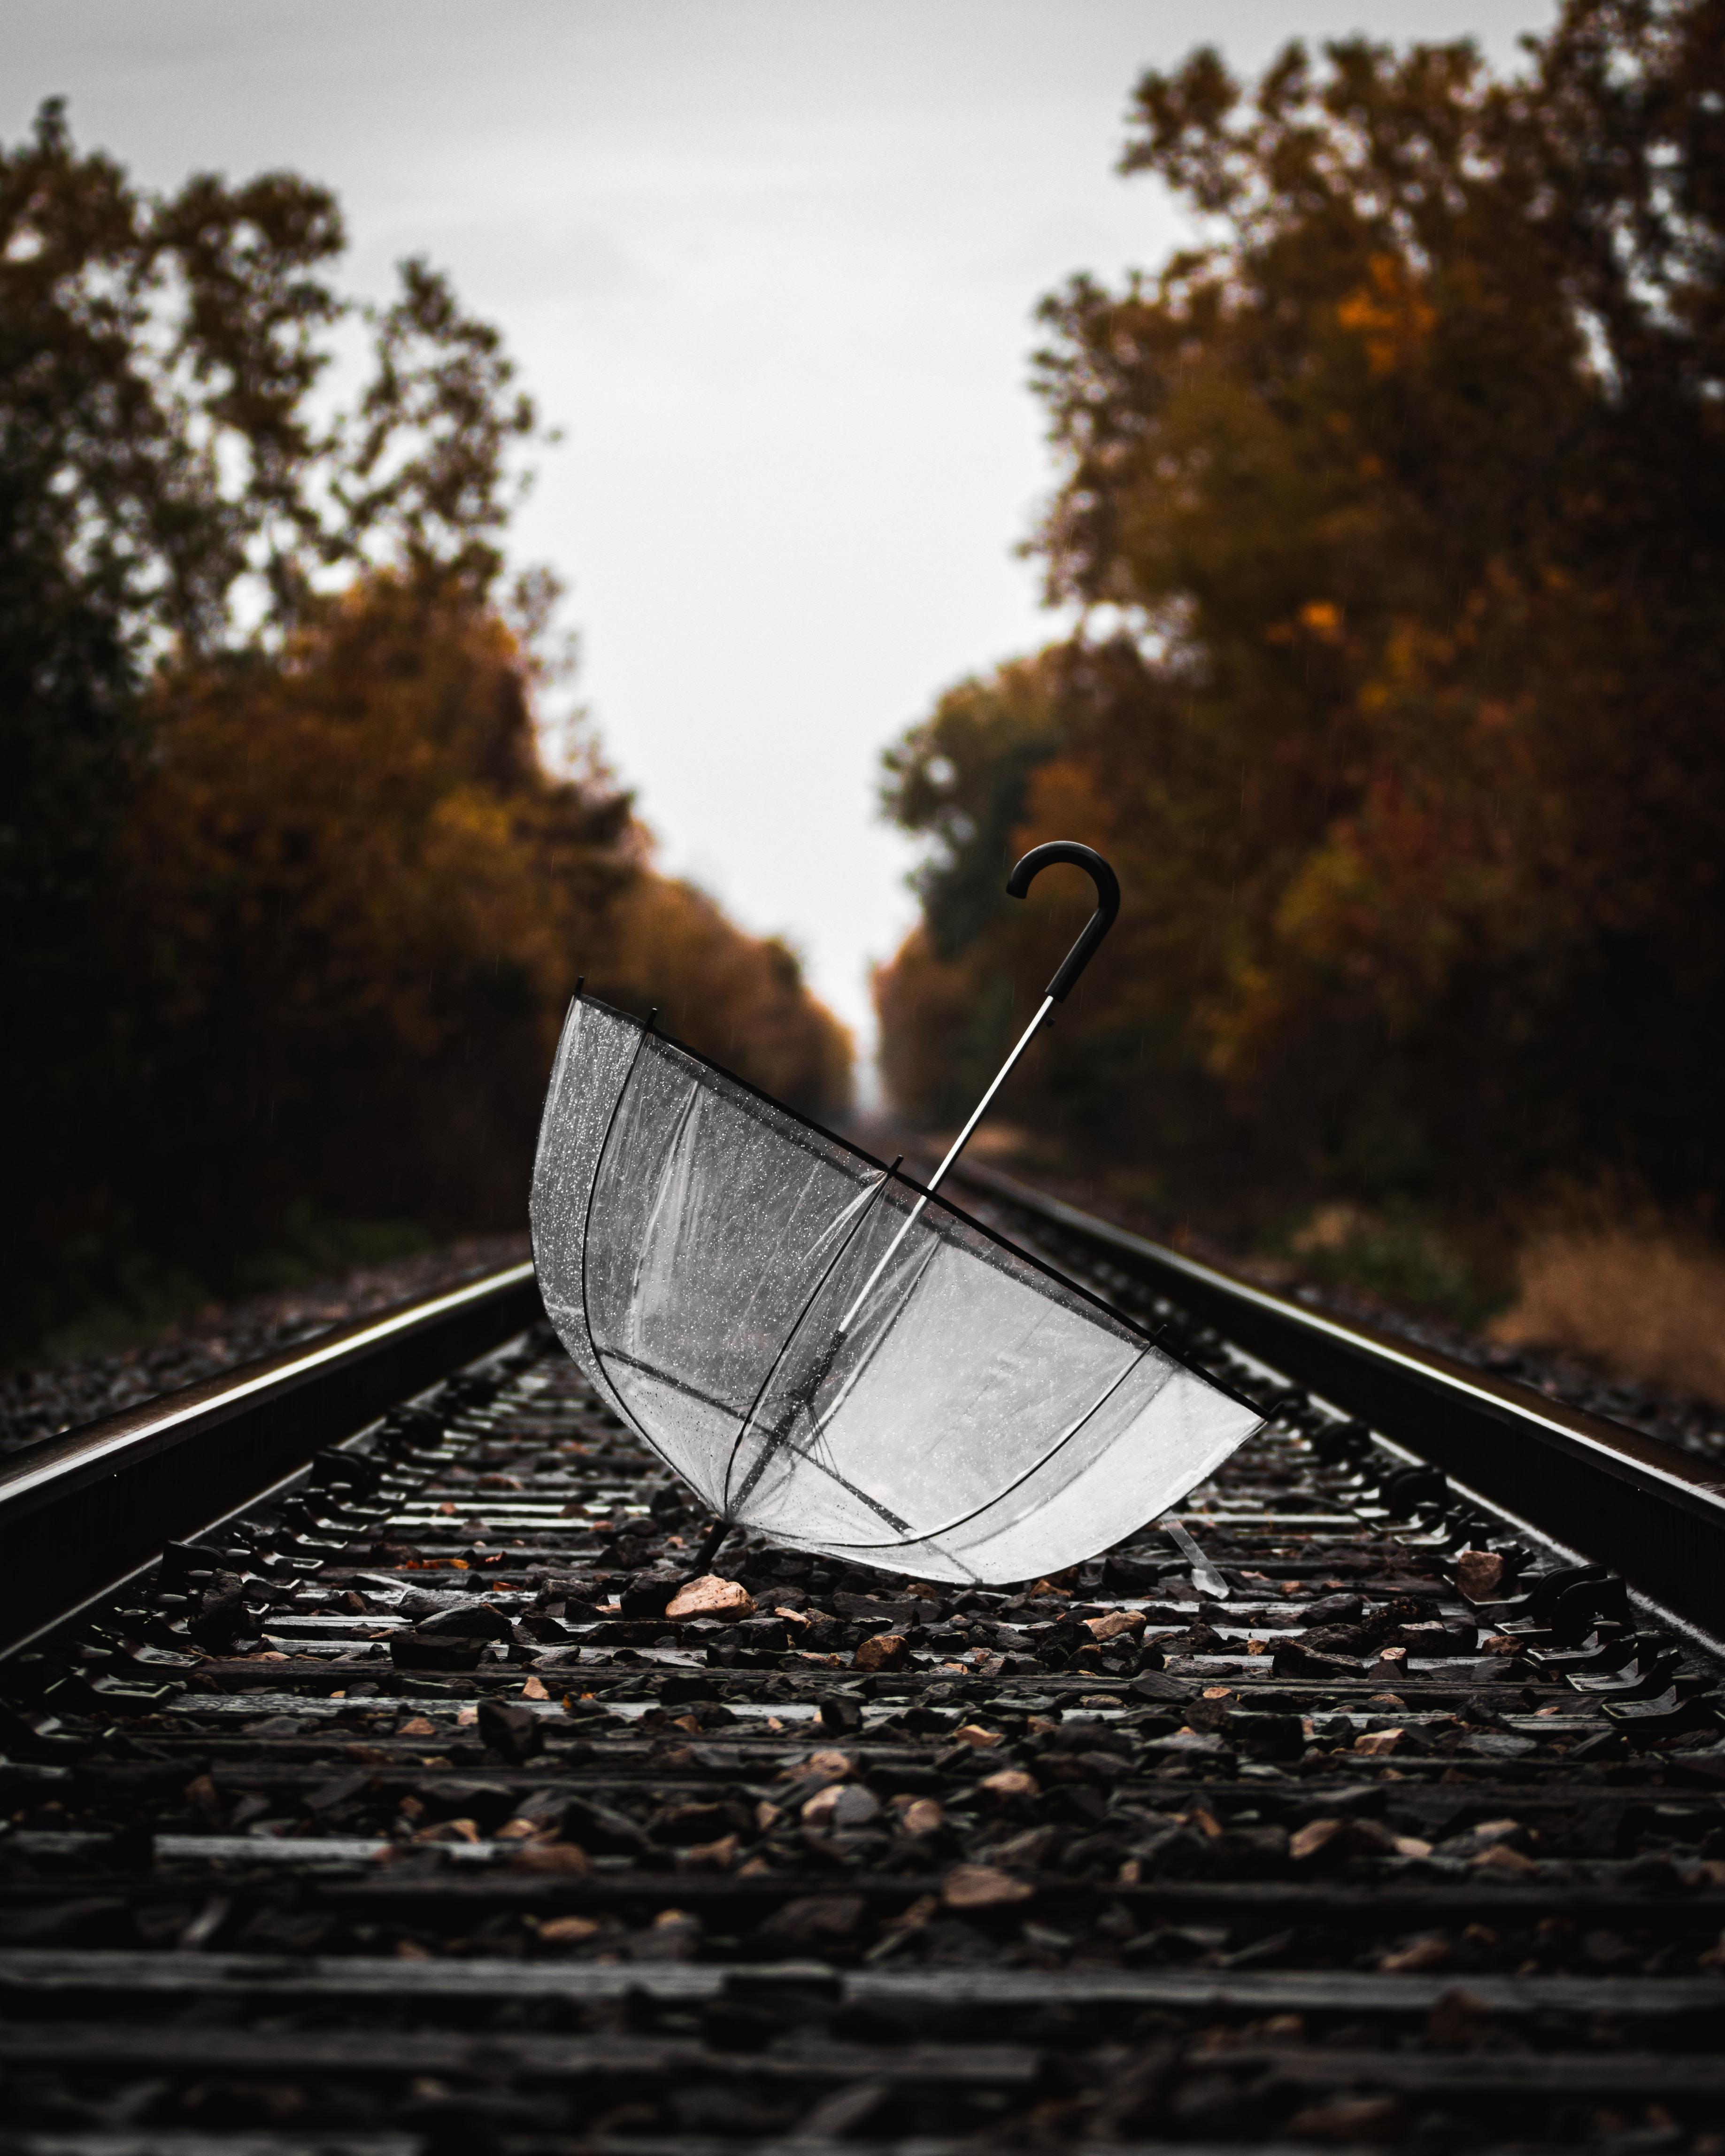 53967壁紙のダウンロードその他, 雑, 傘, レール, ウェット, 濡れた, 鉄道-スクリーンセーバーと写真を無料で